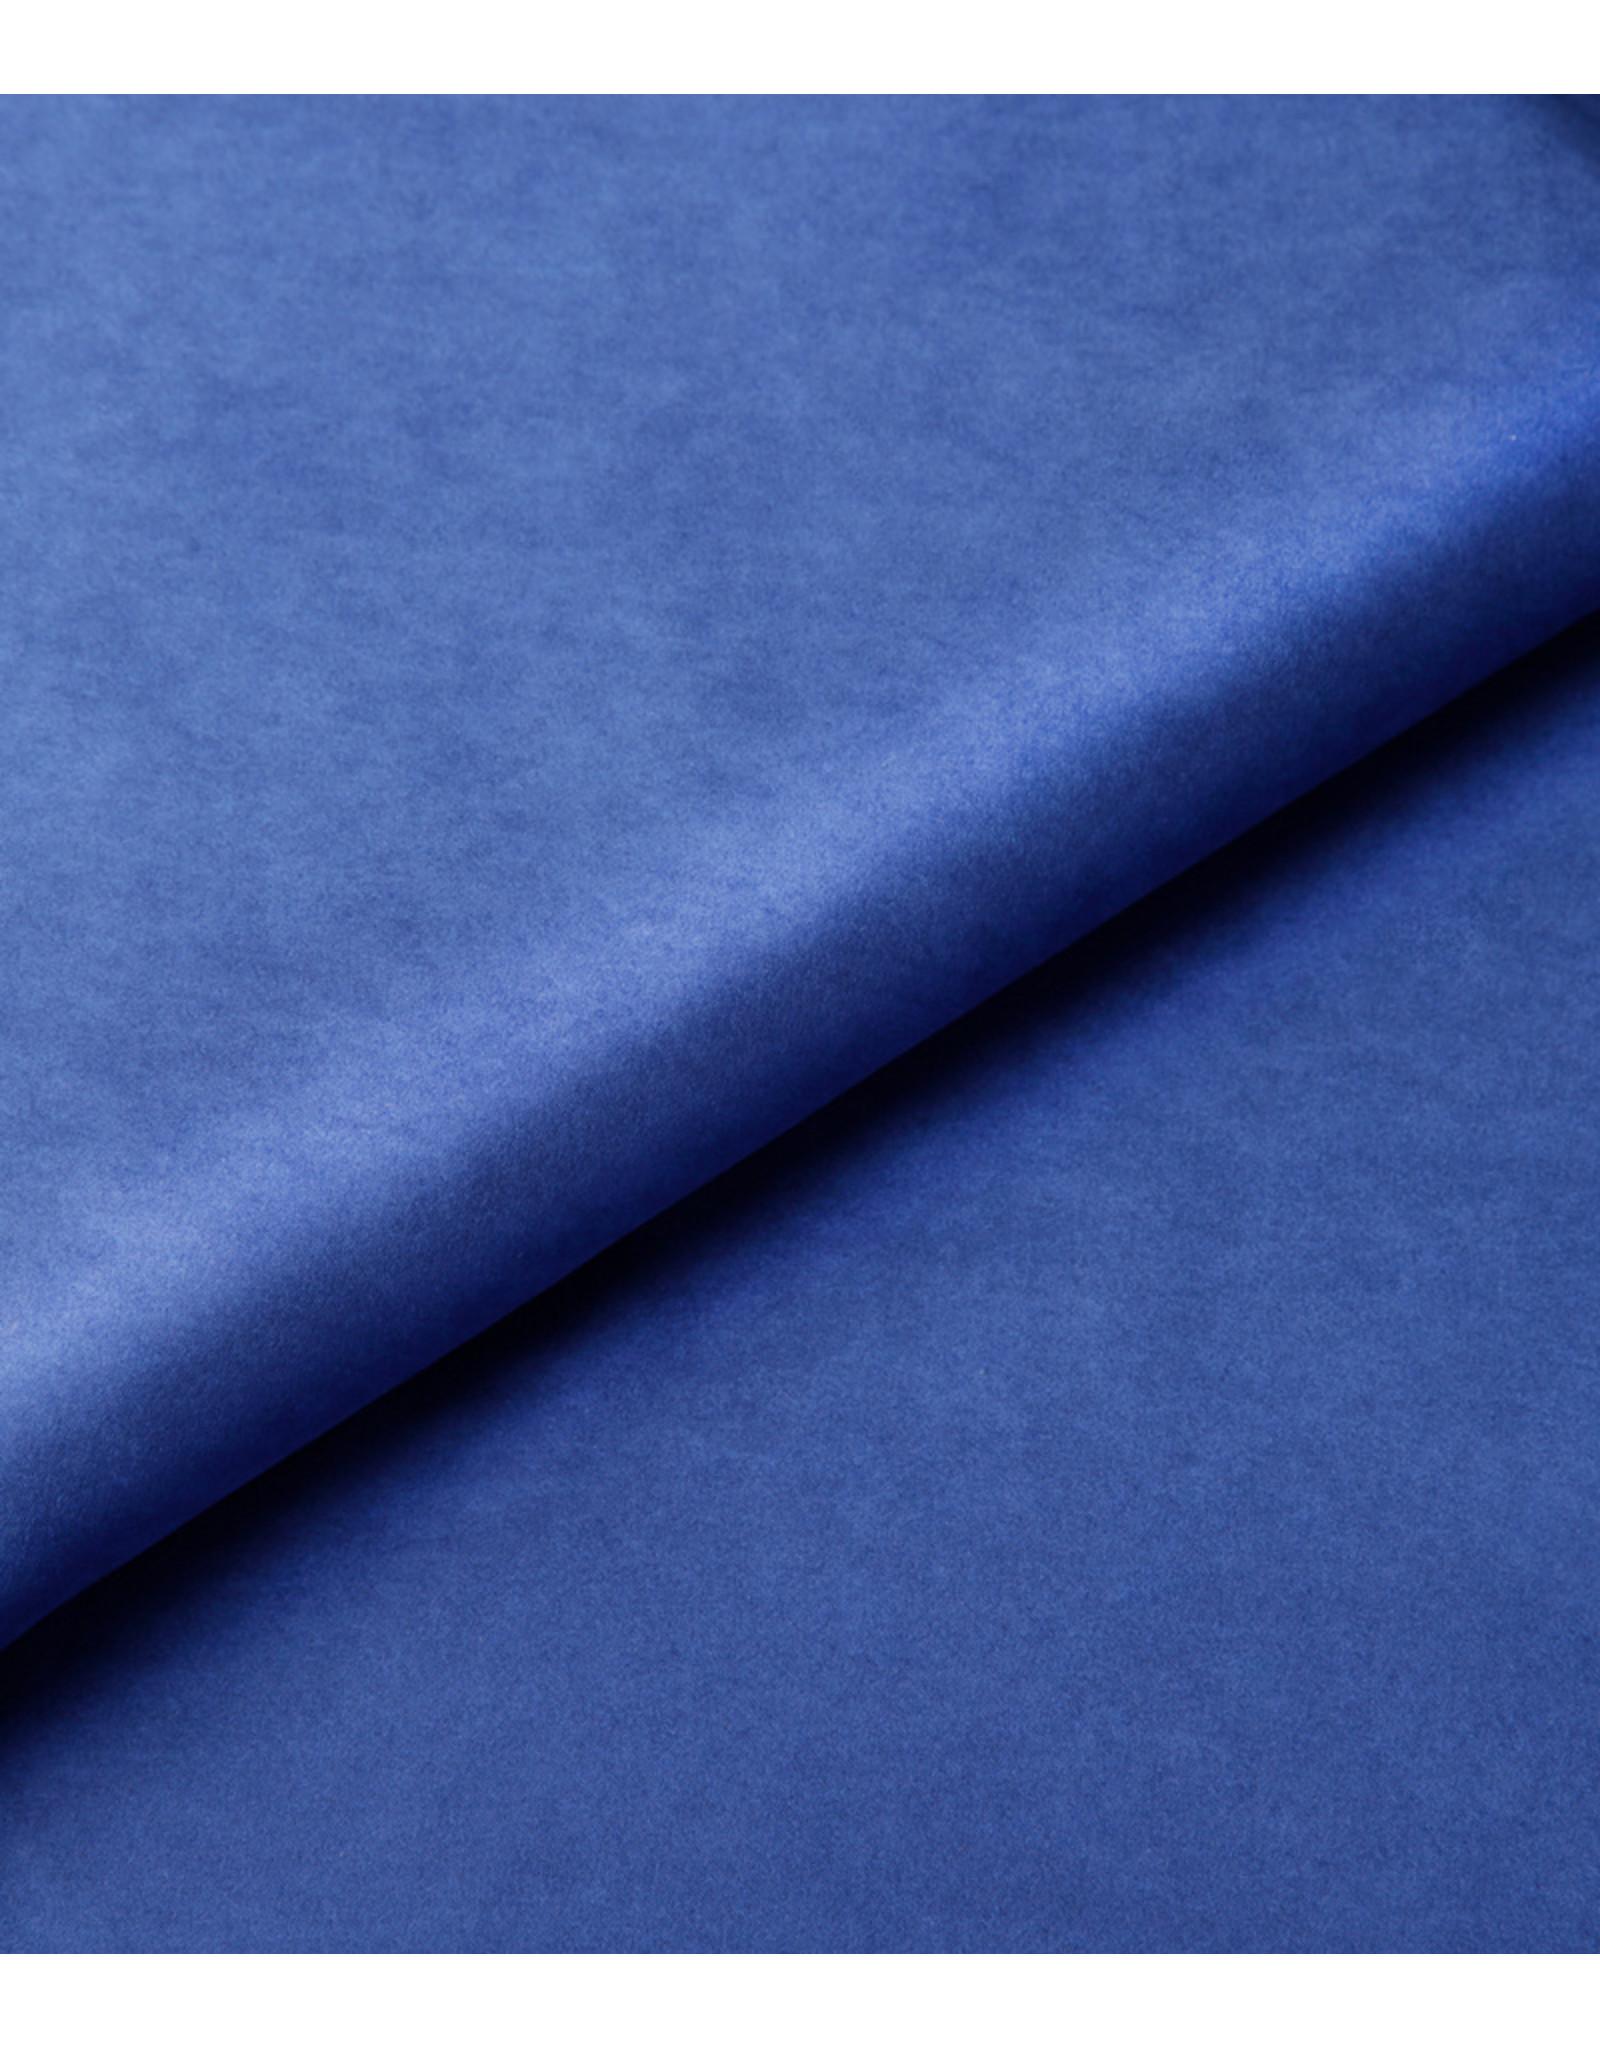 INVITALIS Vitalymed Soft - Blau